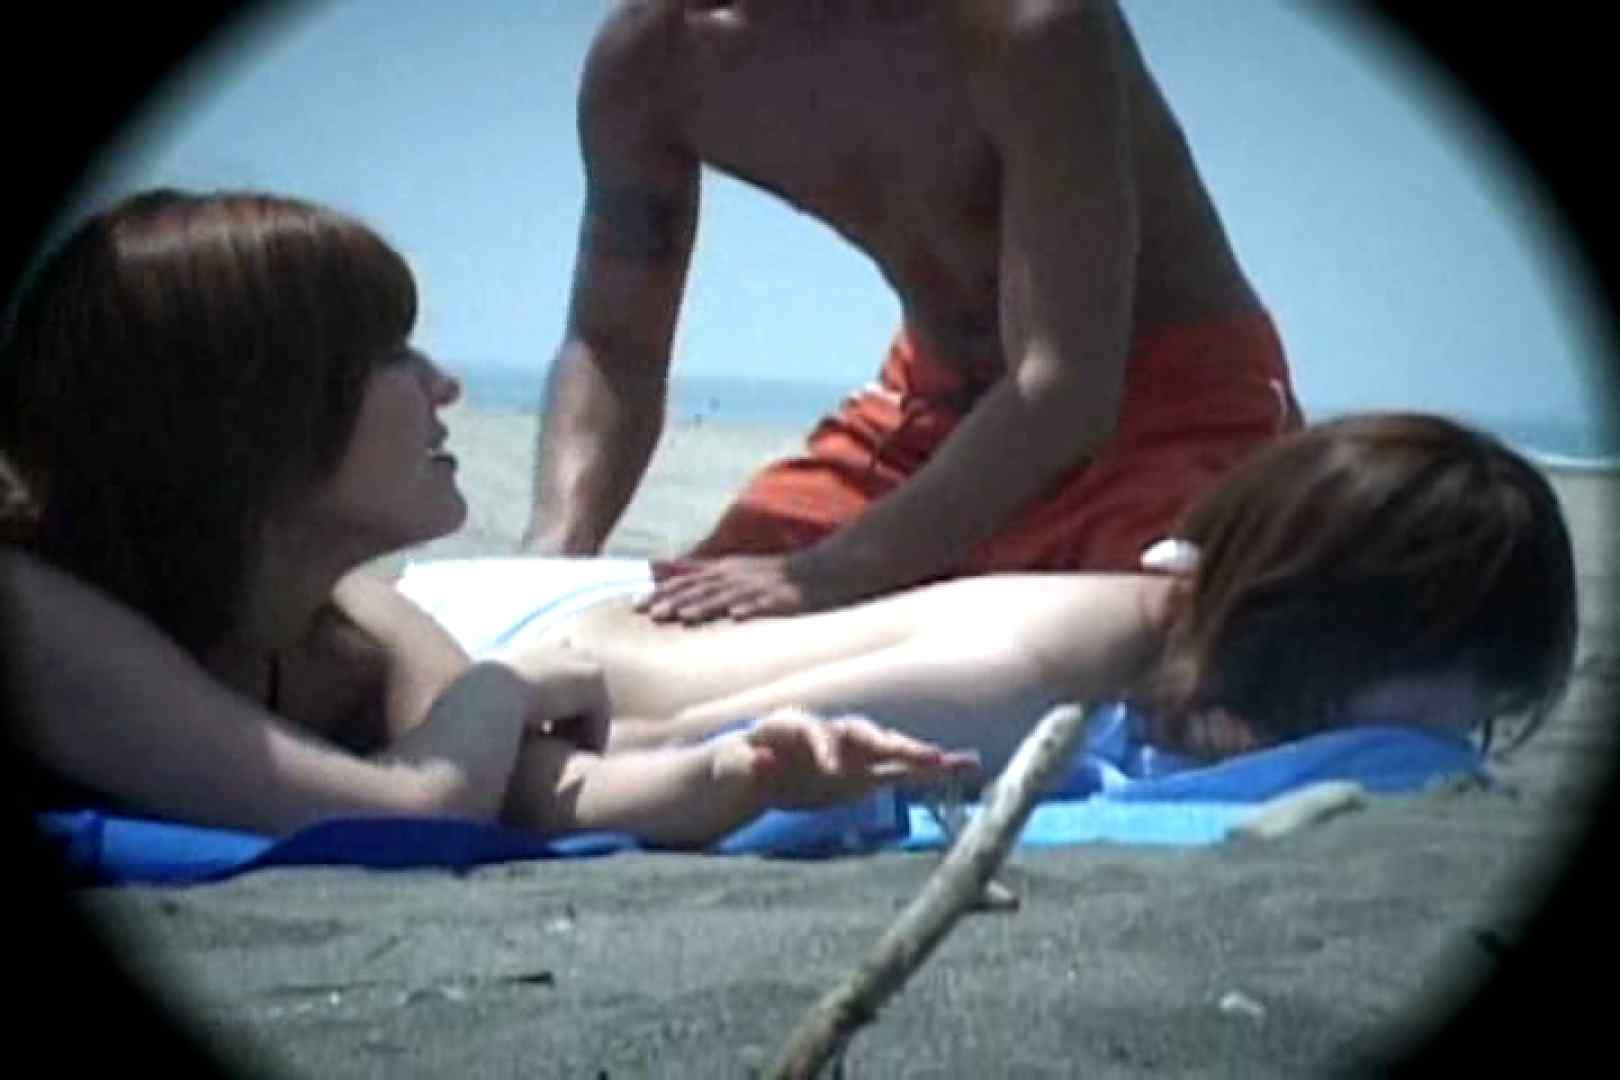 ビーチで発見!!はしゃぎ過ぎポロリギャルVol.2 水着 AV無料動画キャプチャ 79画像 23